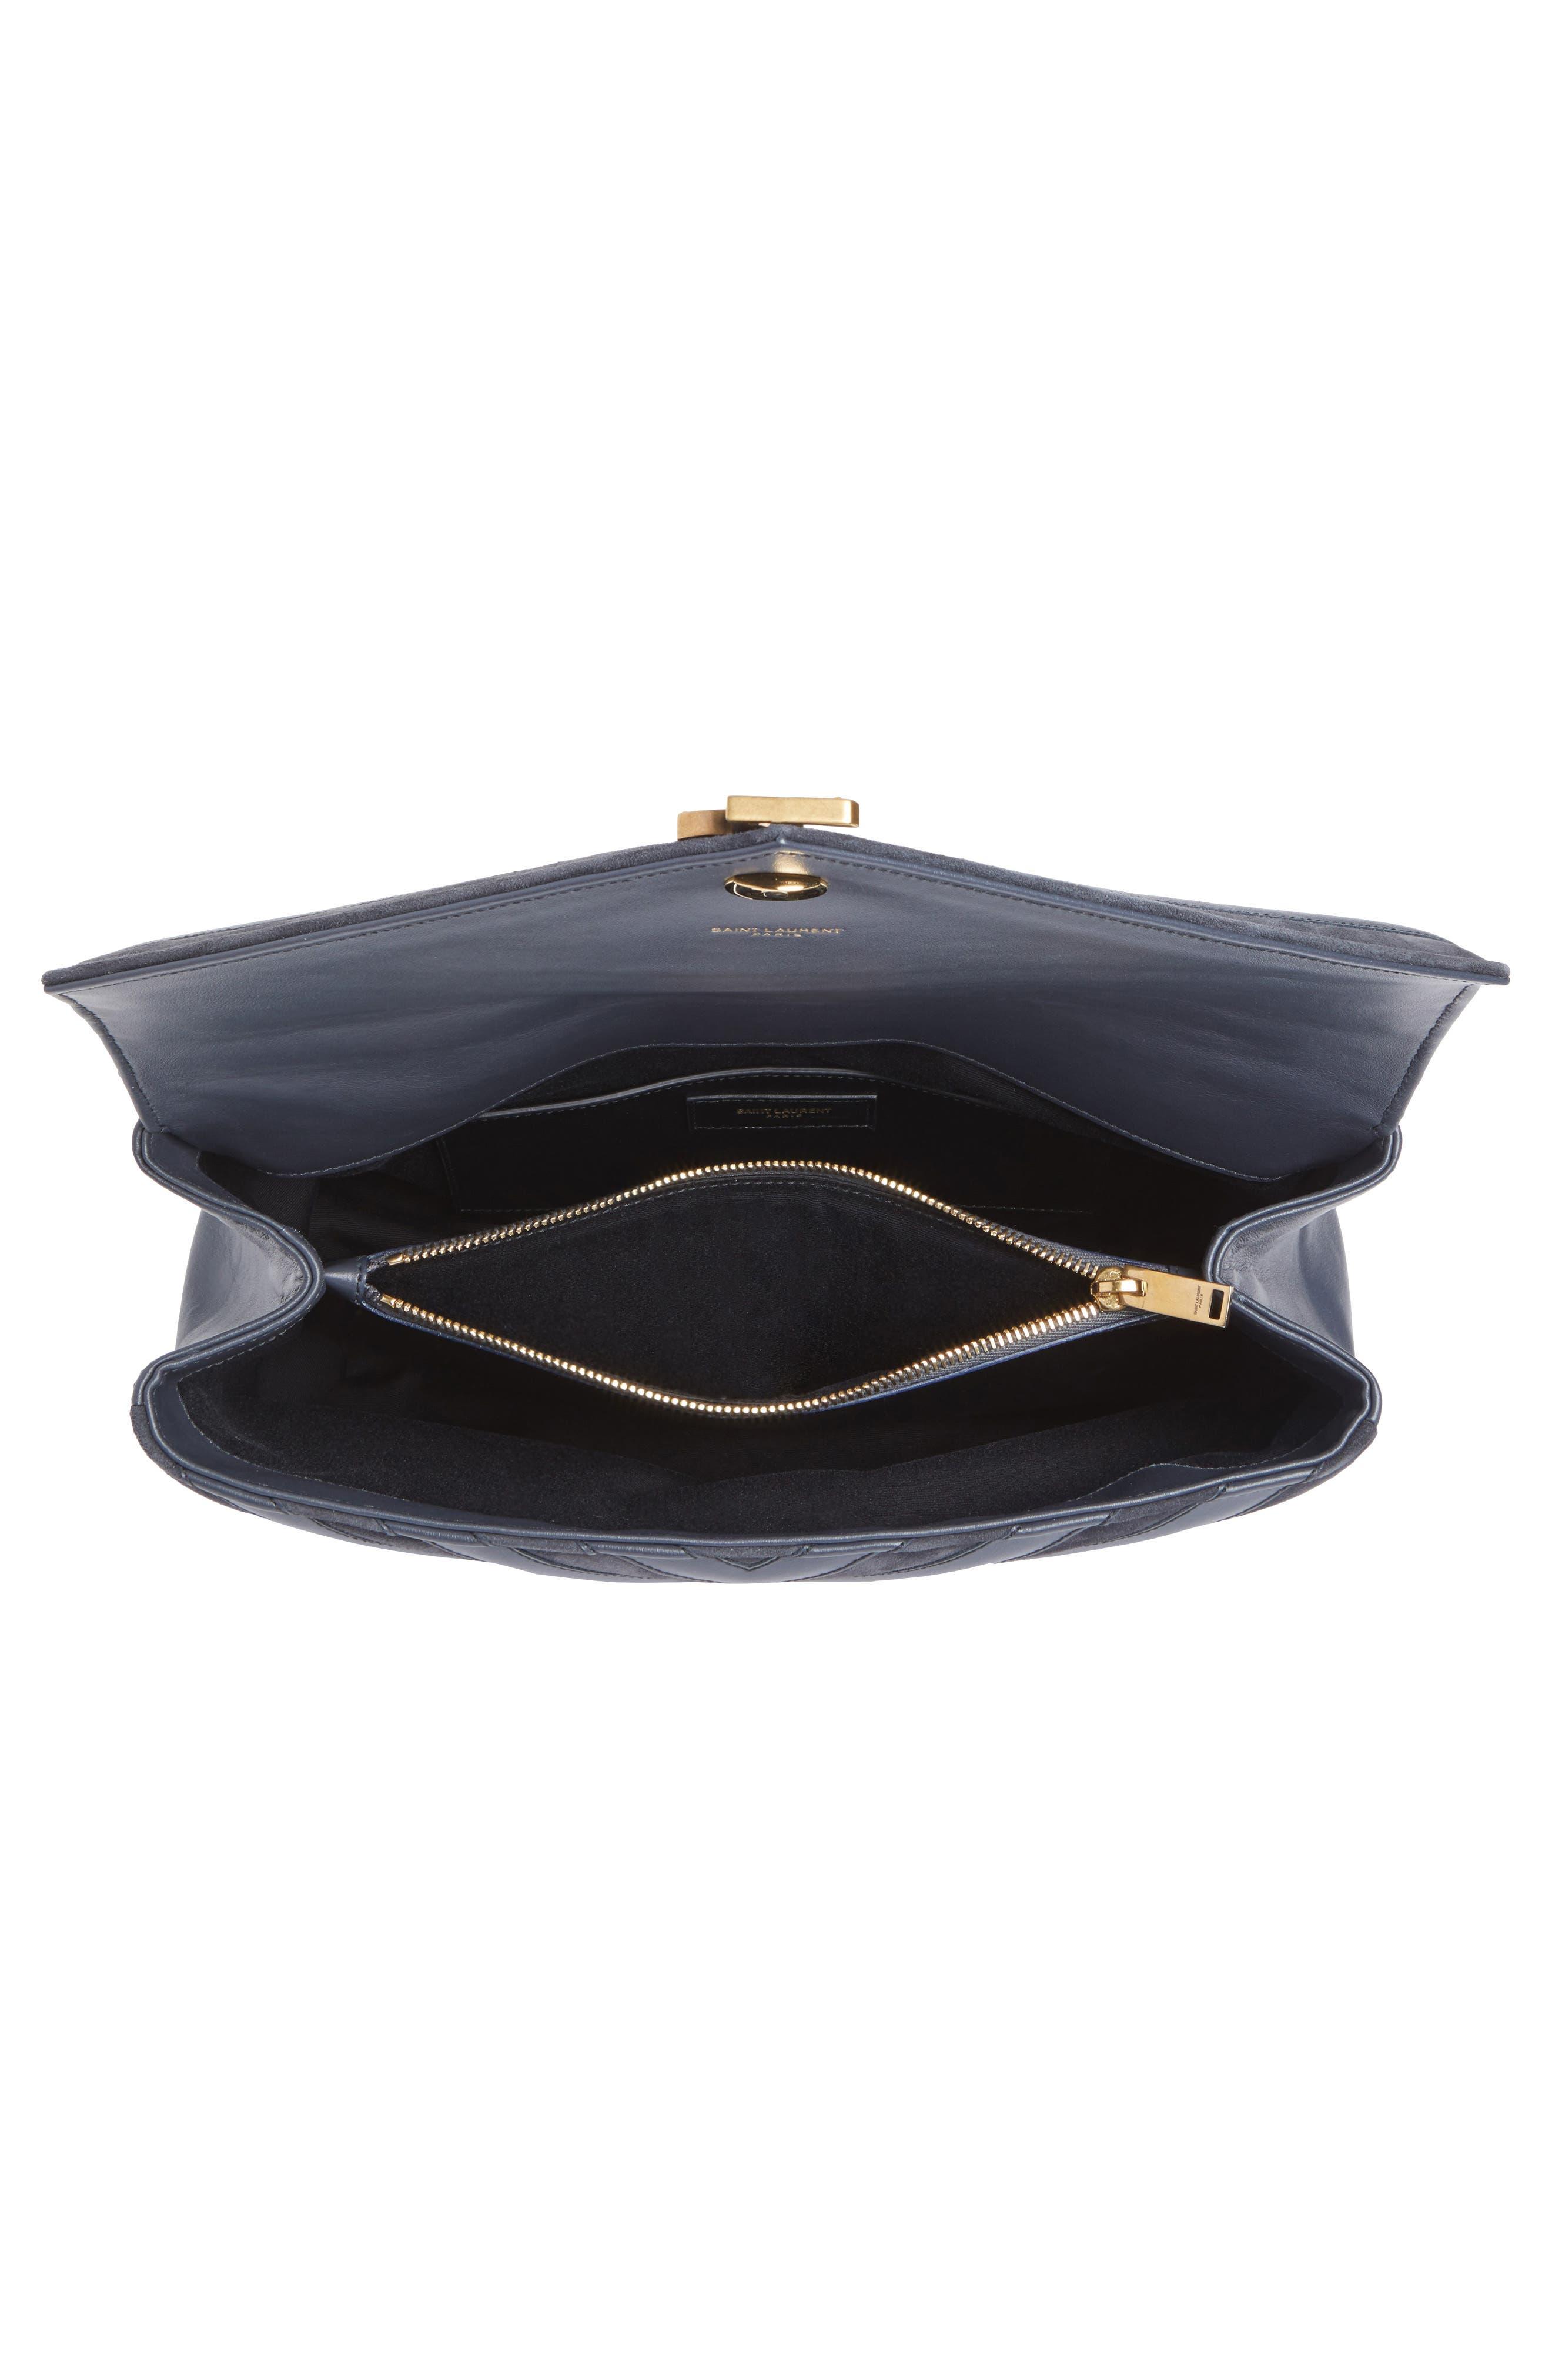 Medium College Patchwork Suede & Leather Shoulder Bag,                             Alternate thumbnail 4, color,                             020